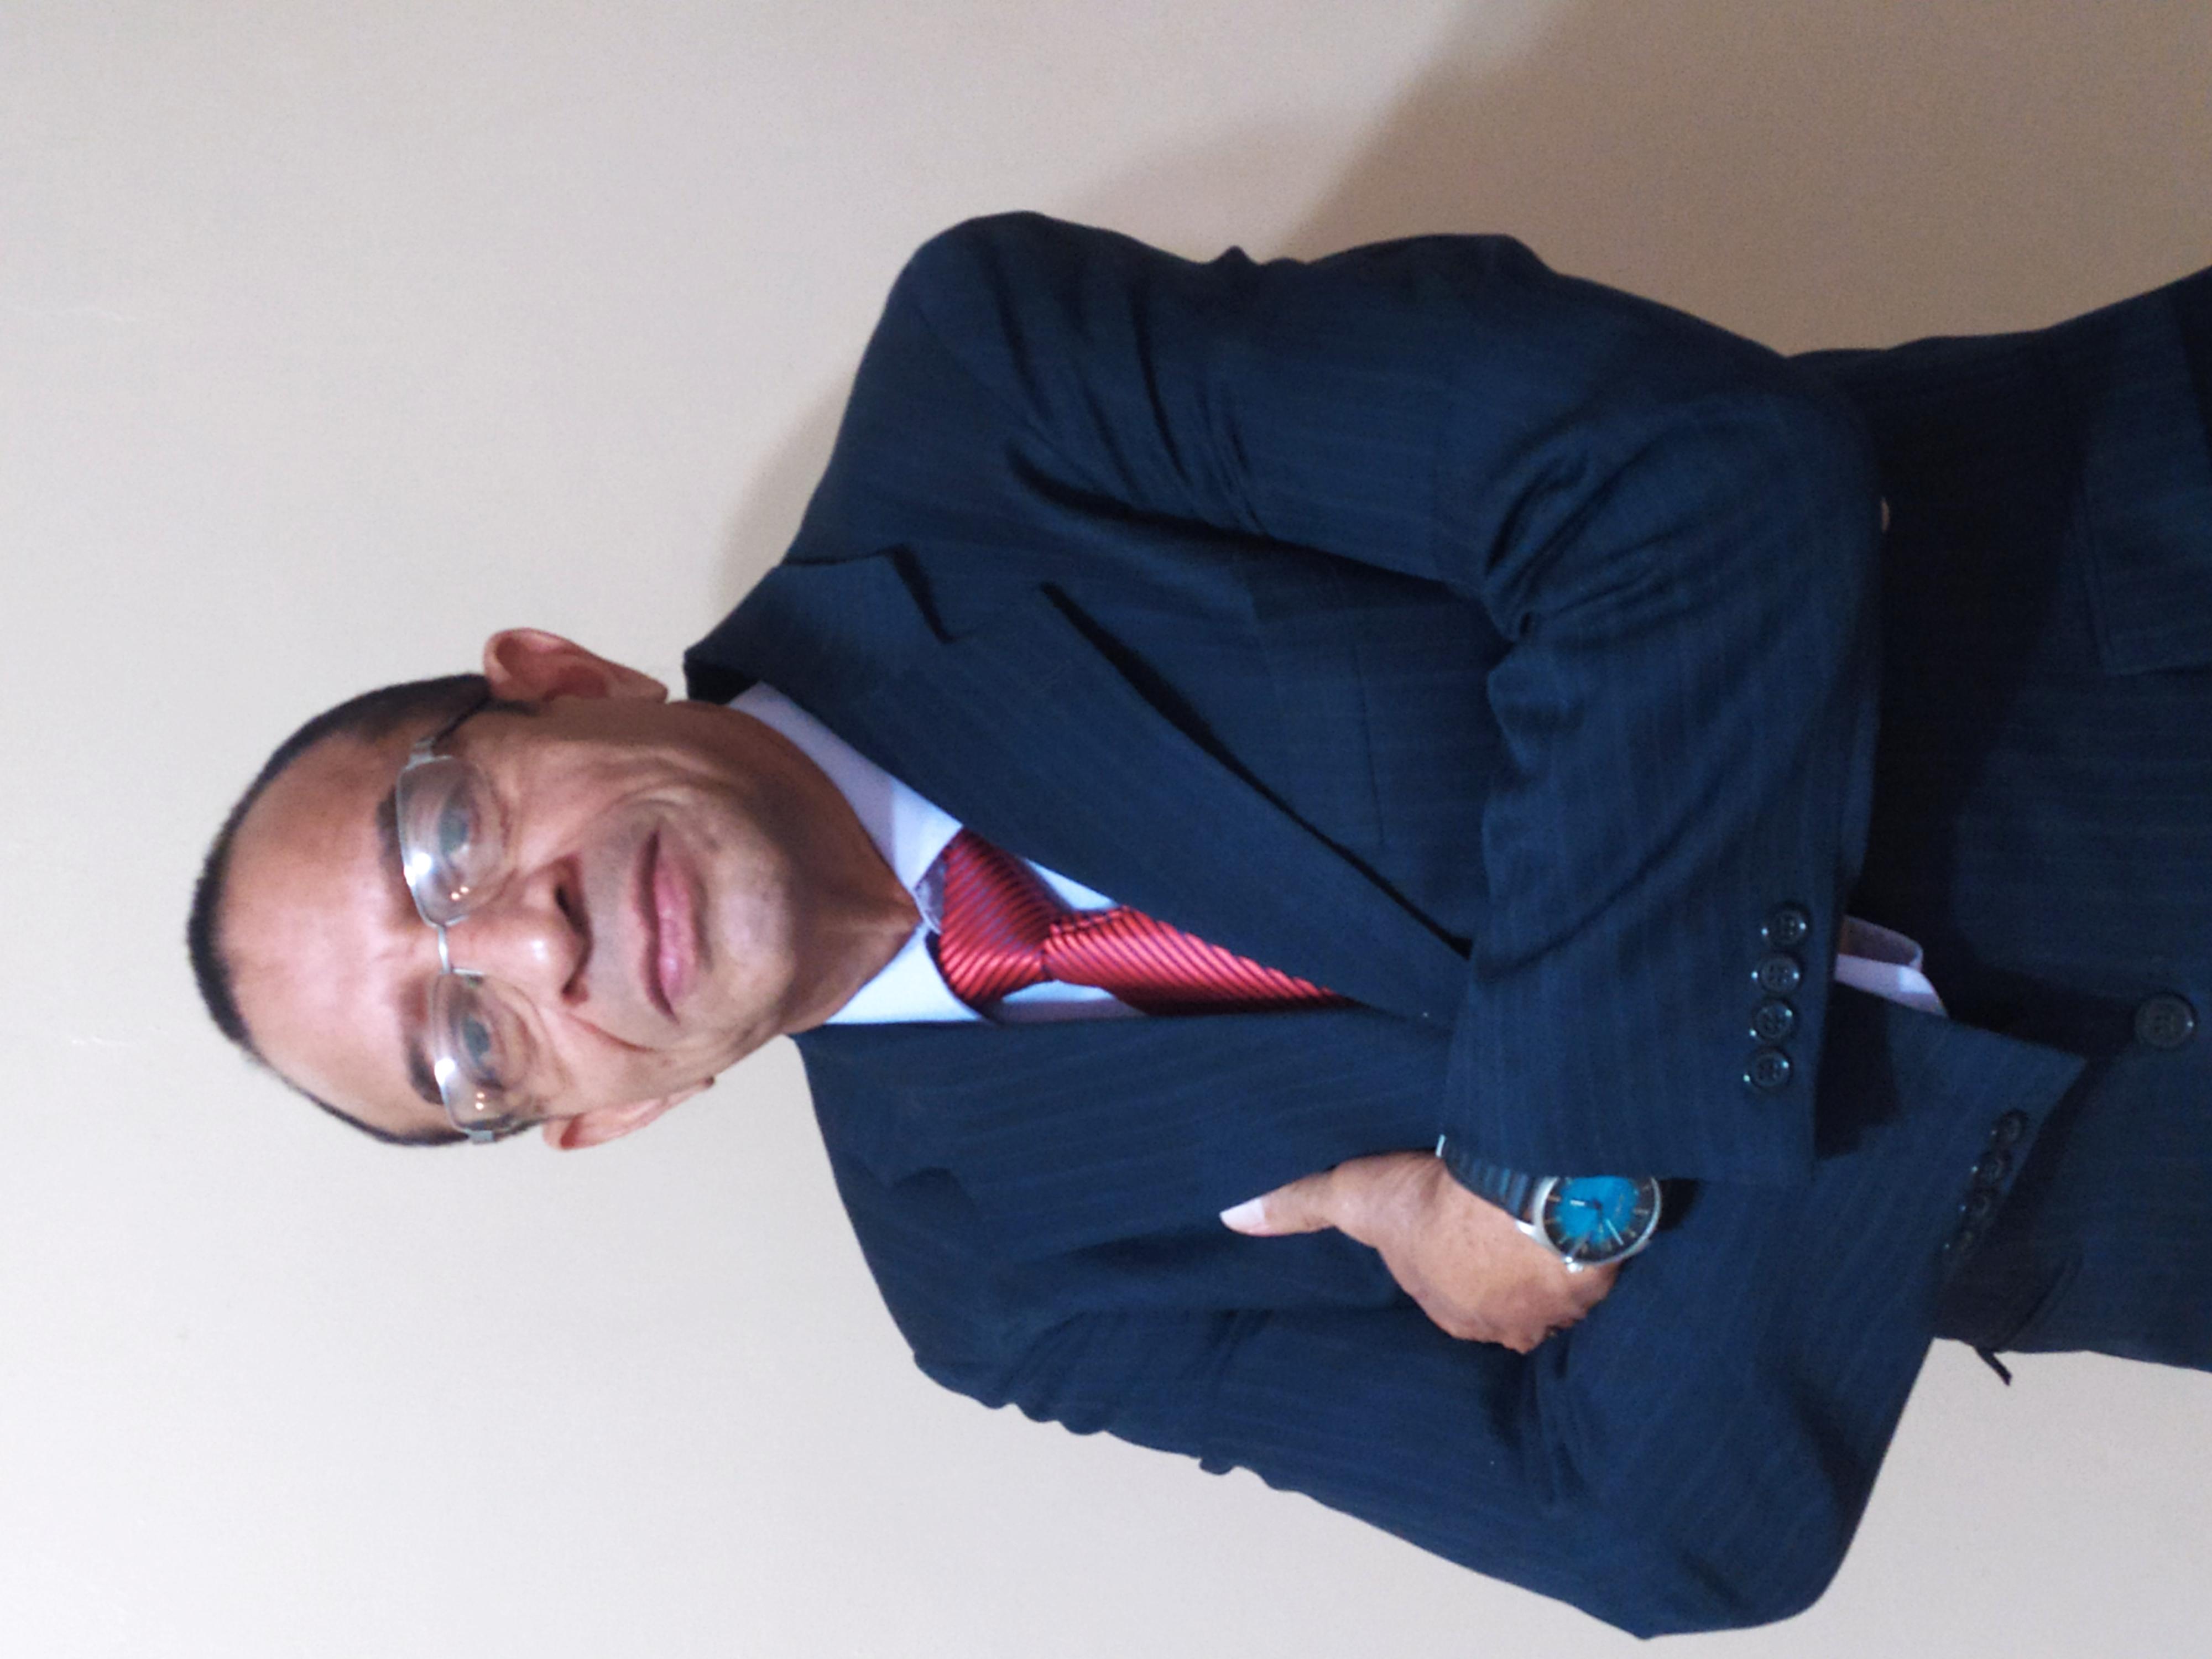 José Velásquez Sánchez